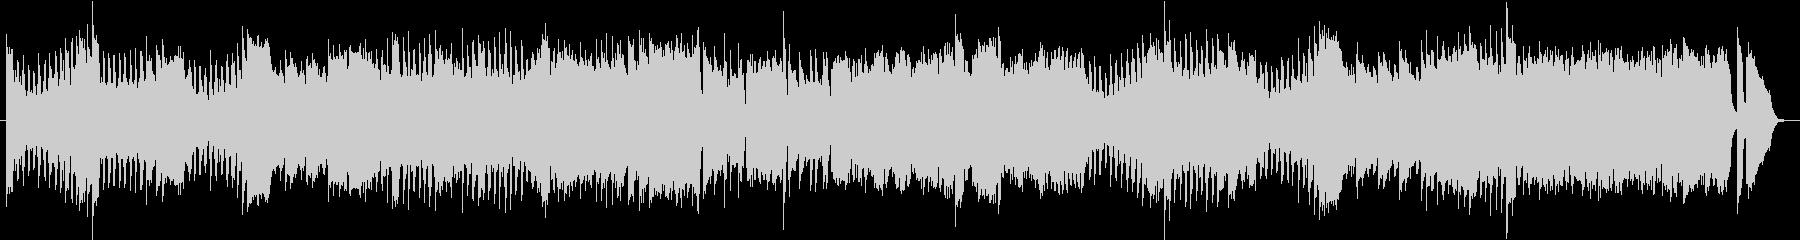 ショパン エチュード10-4 ピアノソロの未再生の波形